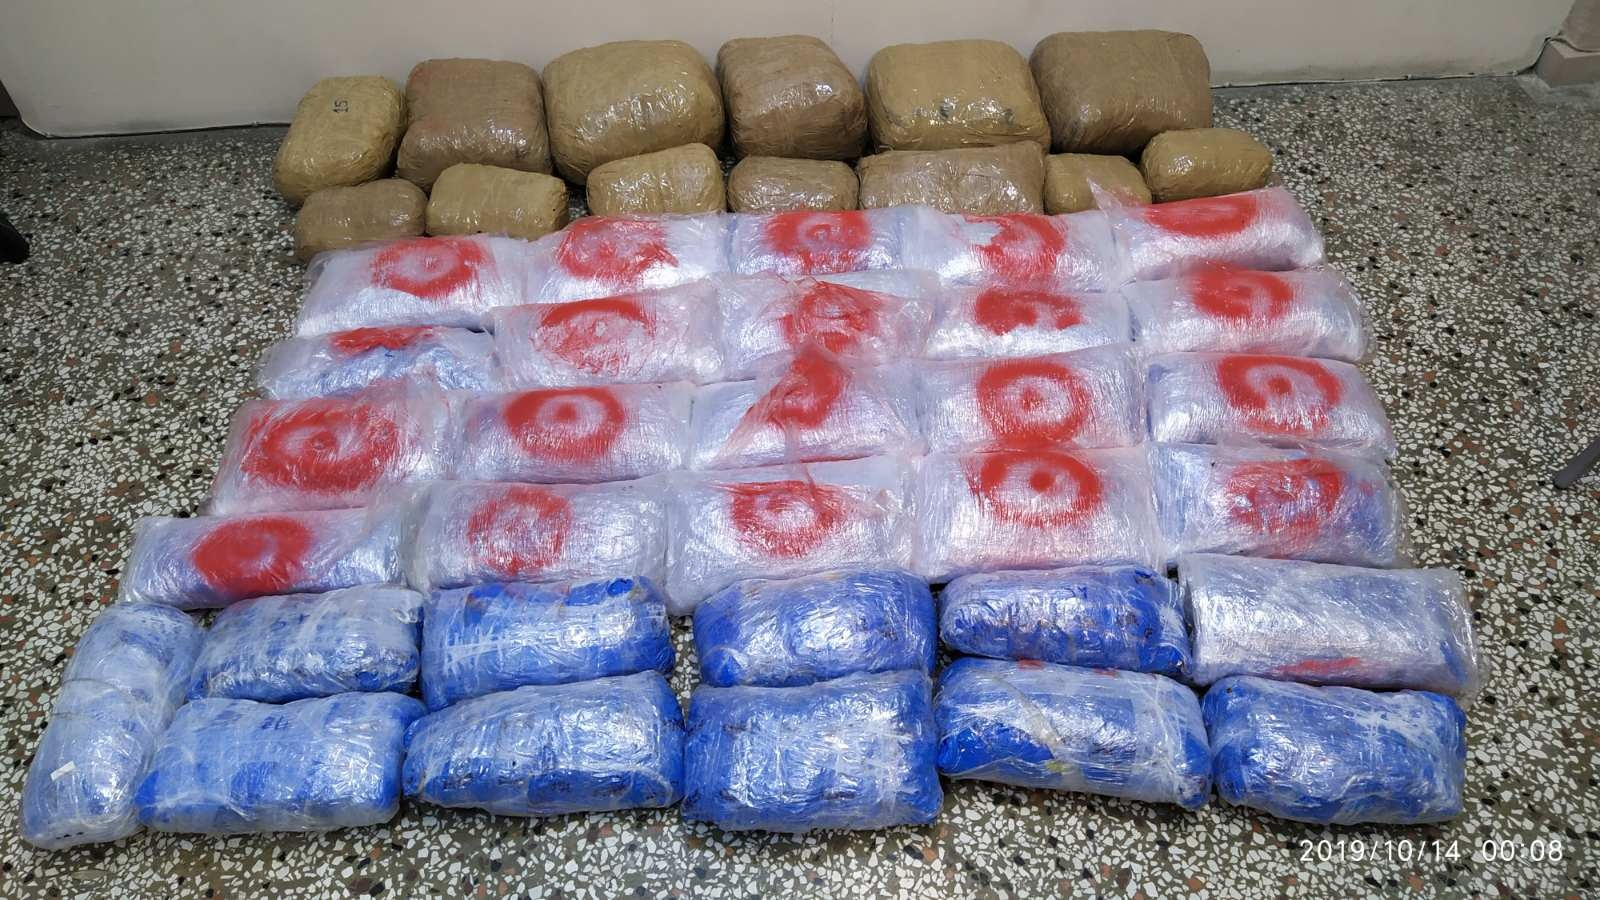 Σύλληψη δύο αλλοδαπών για κατοχή και μεταφορά 55 κιλών και 400 γραμμαρίων ακατέργαστης κάνναβης στην Καστοριά